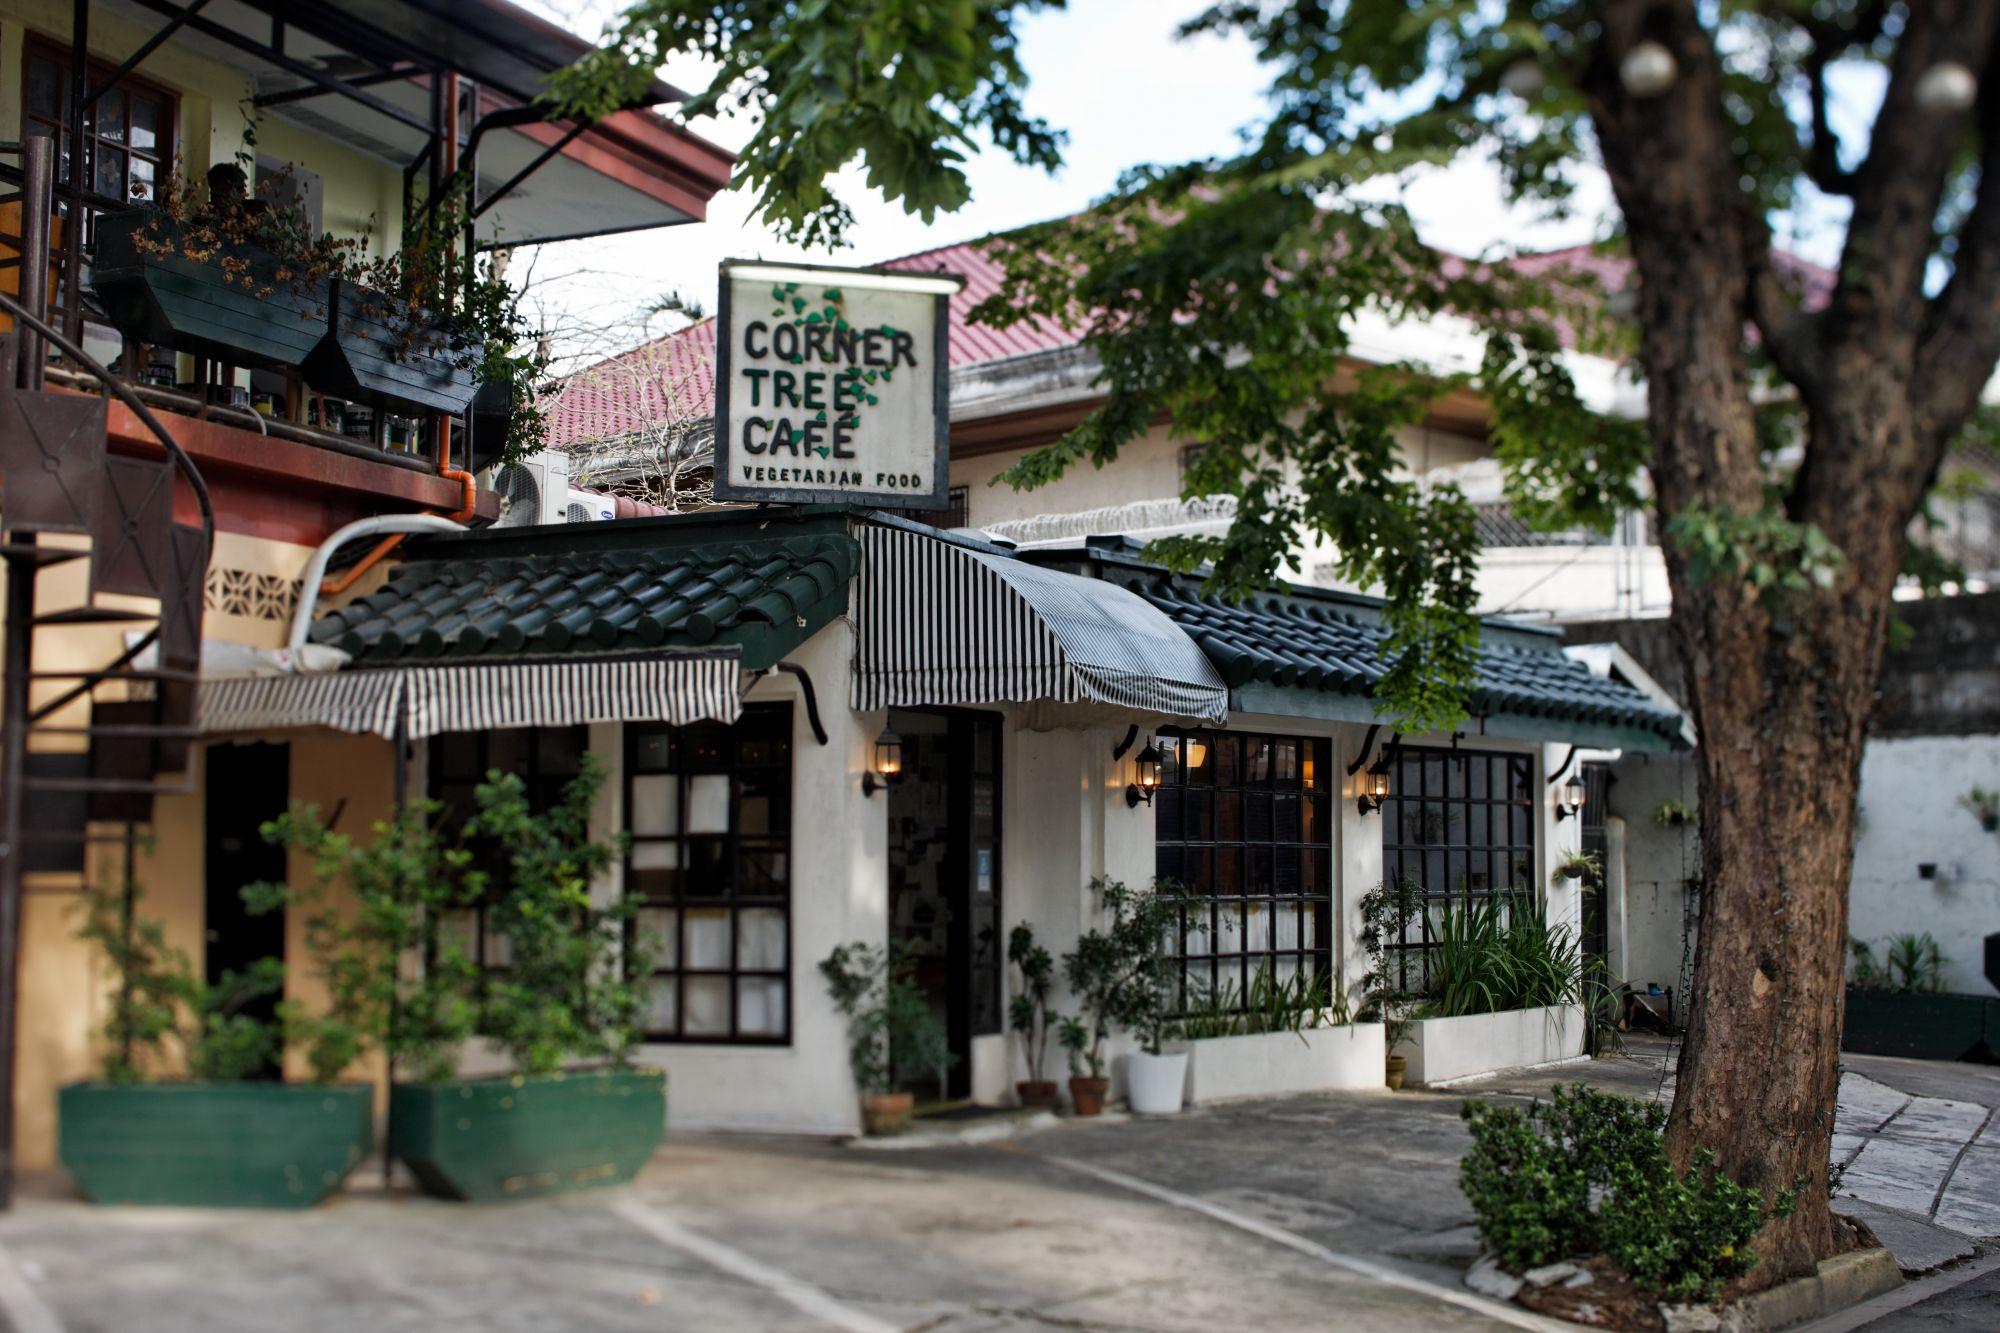 Corner Tree Café on Jupiter St, exterior